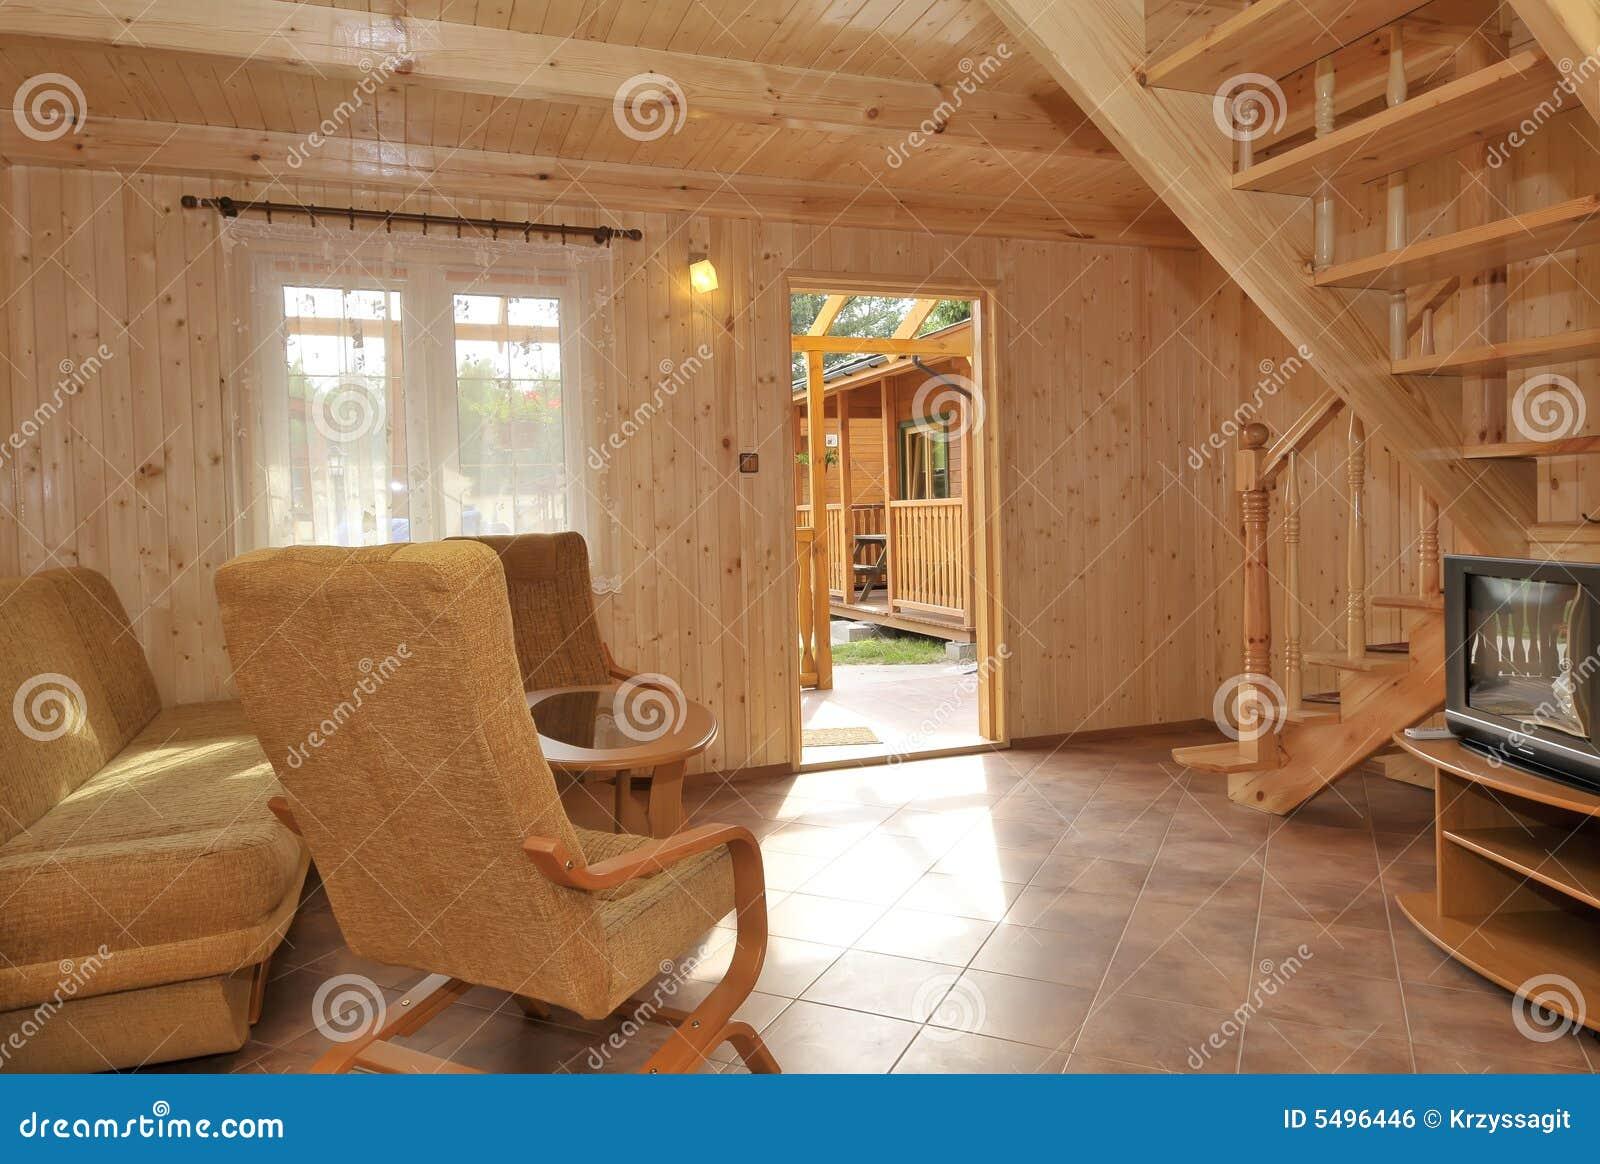 Bois lambriss int rieur de maison image libre de droits image 5496446 - Maison interieur bois ...